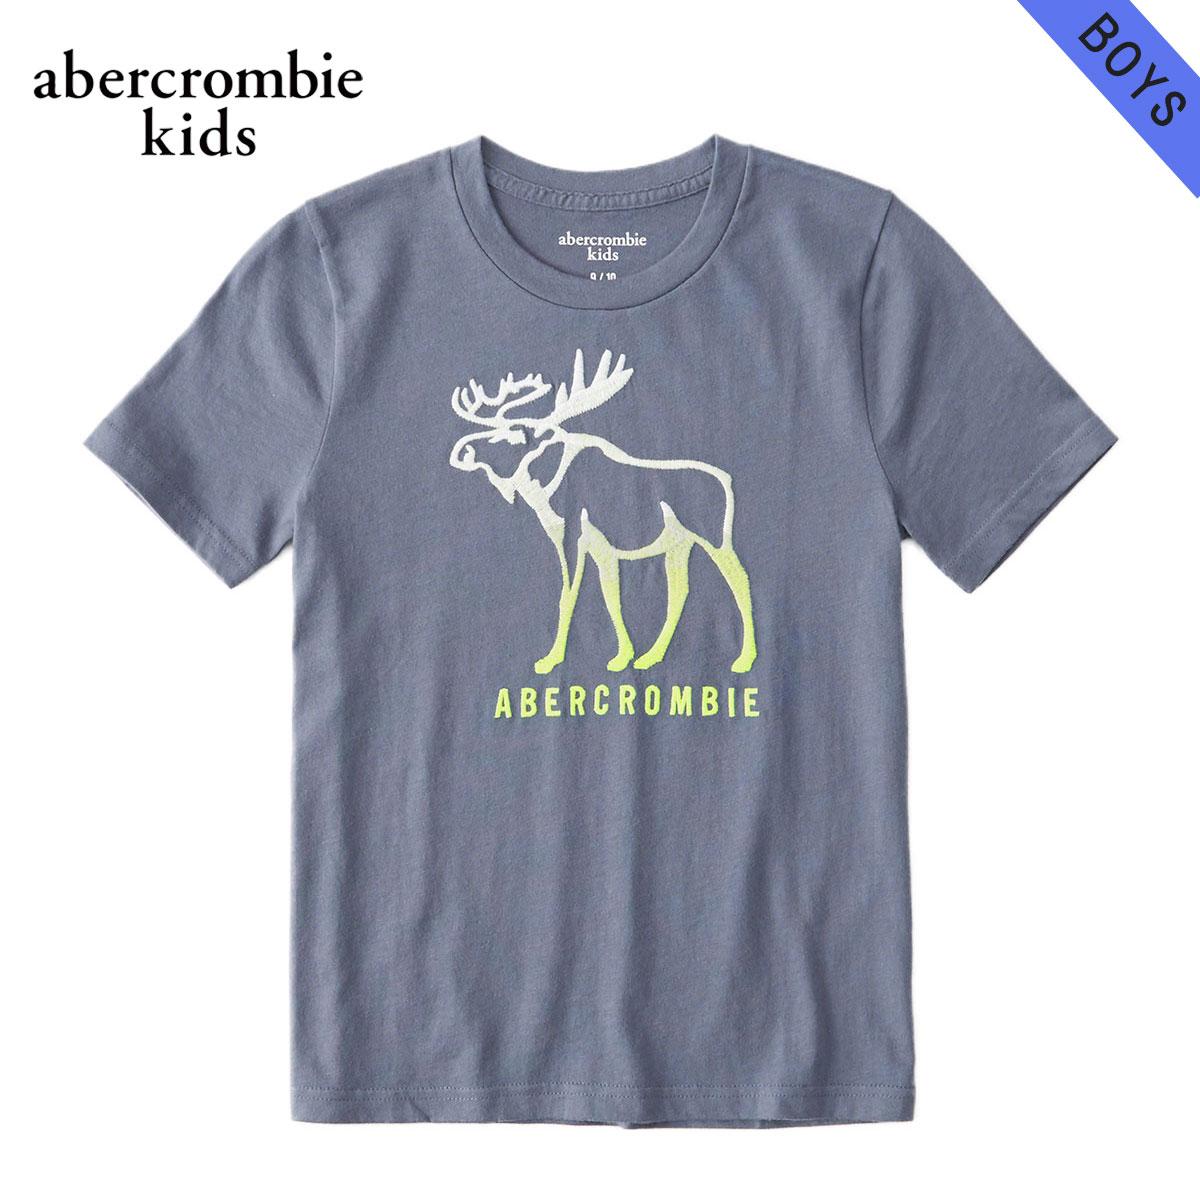 アバクロキッズ AbercrombieKids 正規品 子供服 ボーイズ 半袖Tシャツ logo graphic tee 223-616-0114-024